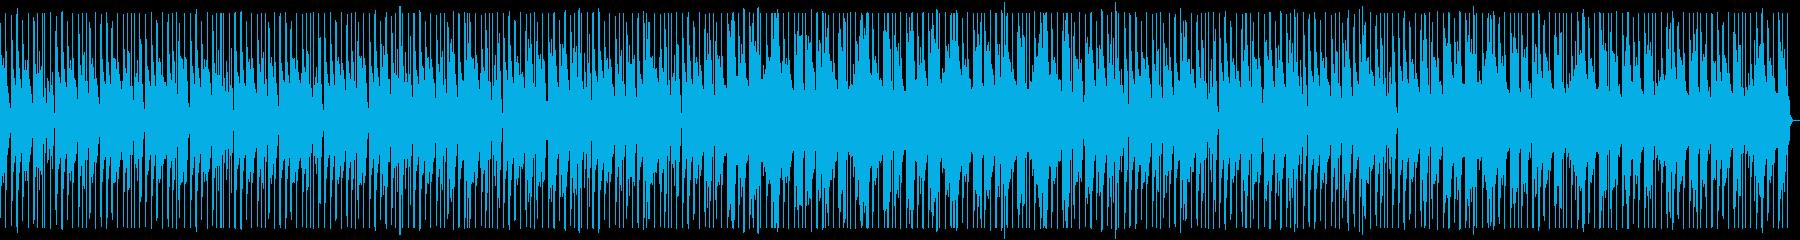 オシャレなピアノメインダンスミュージックの再生済みの波形